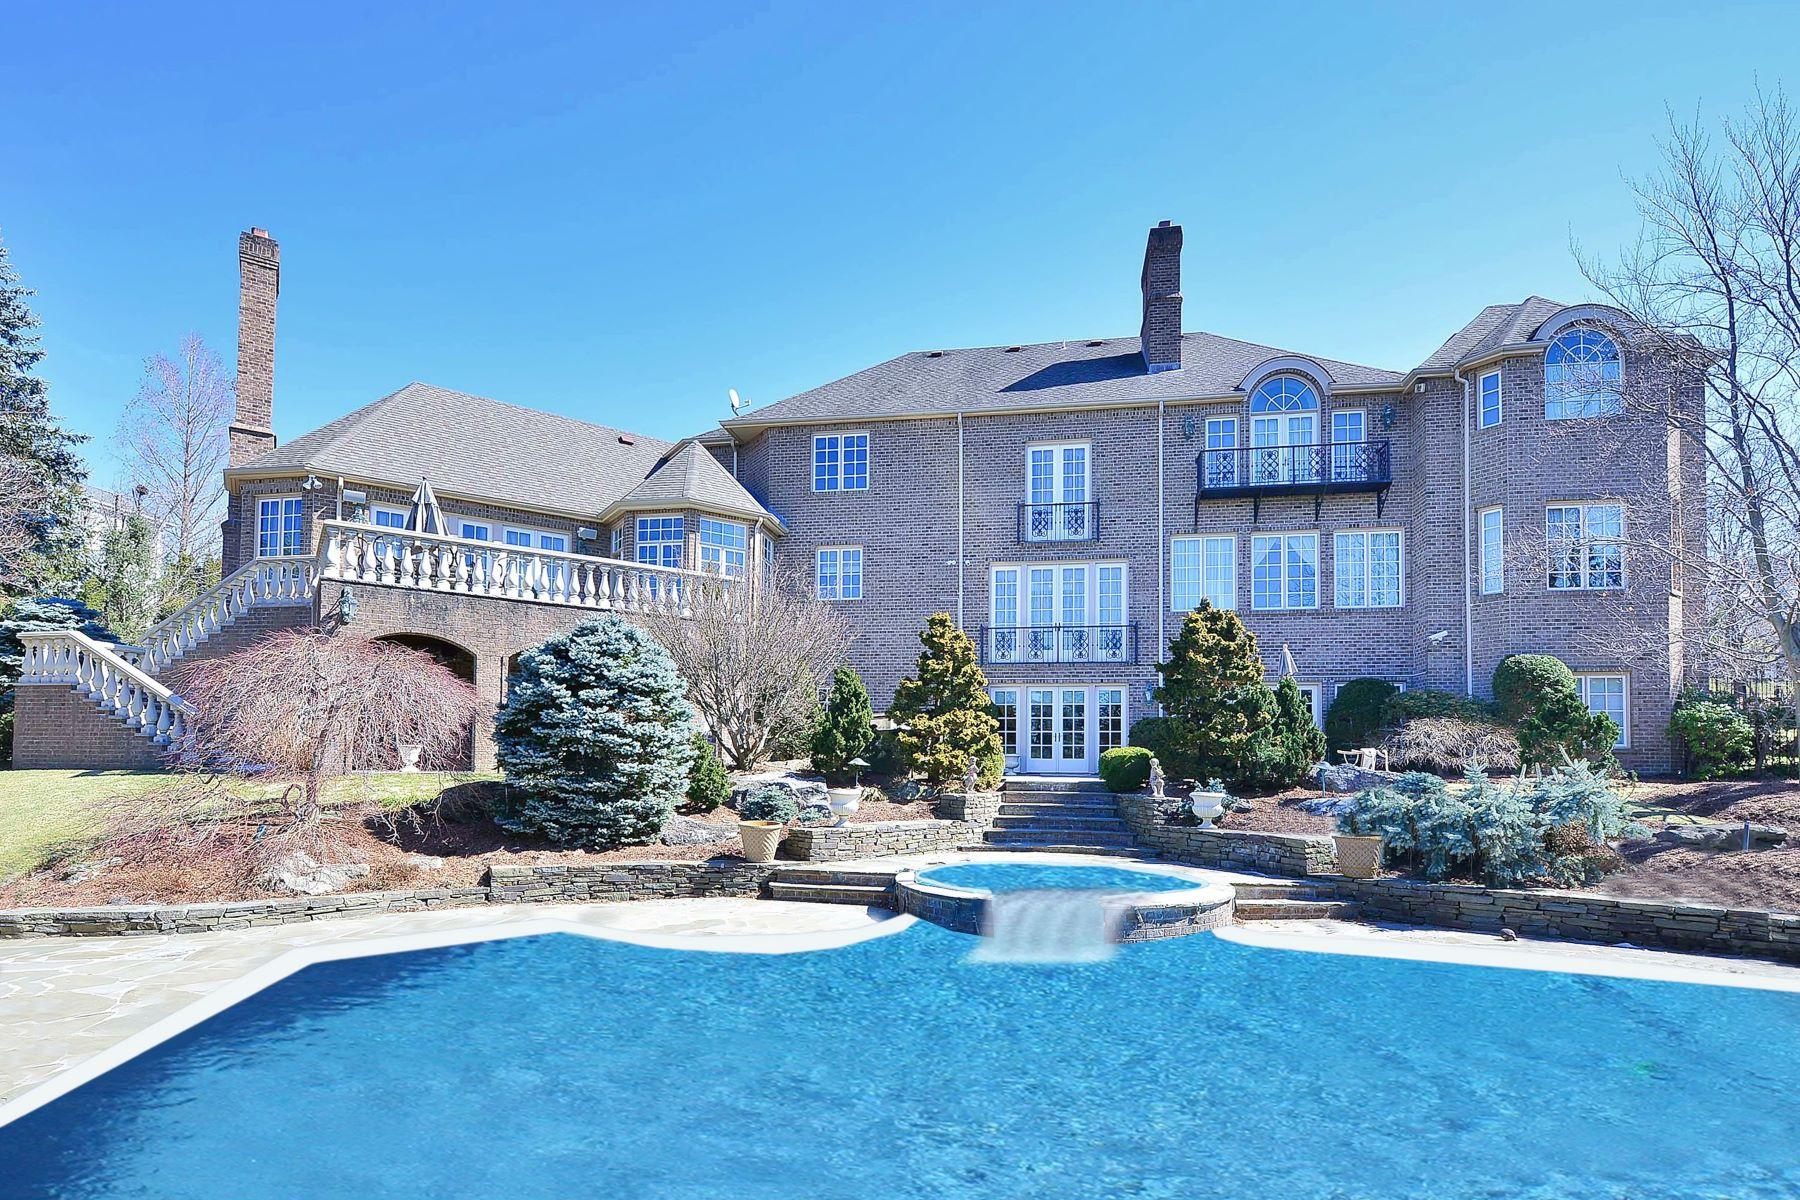 Casa Unifamiliar por un Venta en Luxury Estate 97 Hoover Dr, Cresskill, Nueva Jersey 07626 Estados Unidos